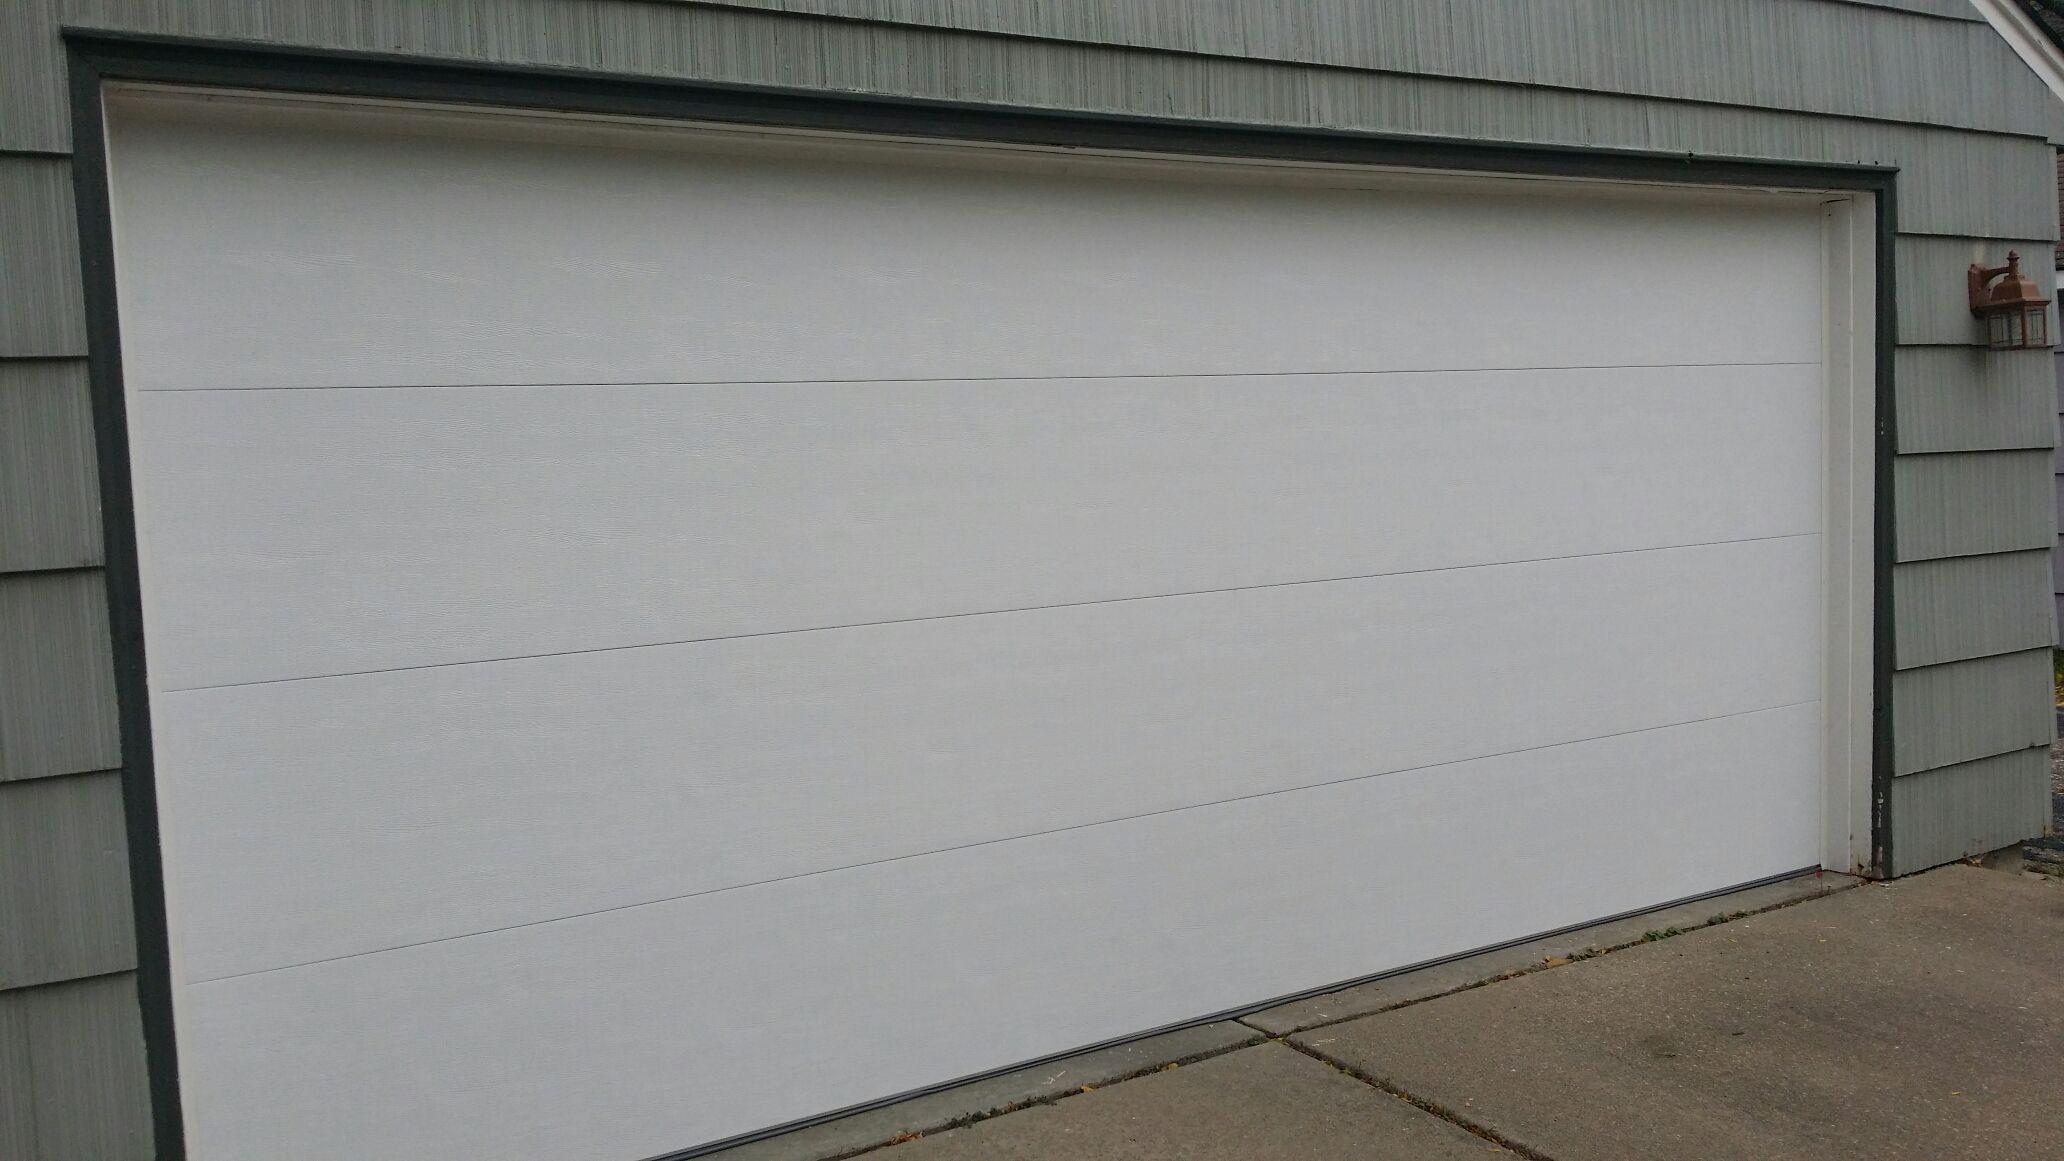 All American Overhead Garage Doors Inc